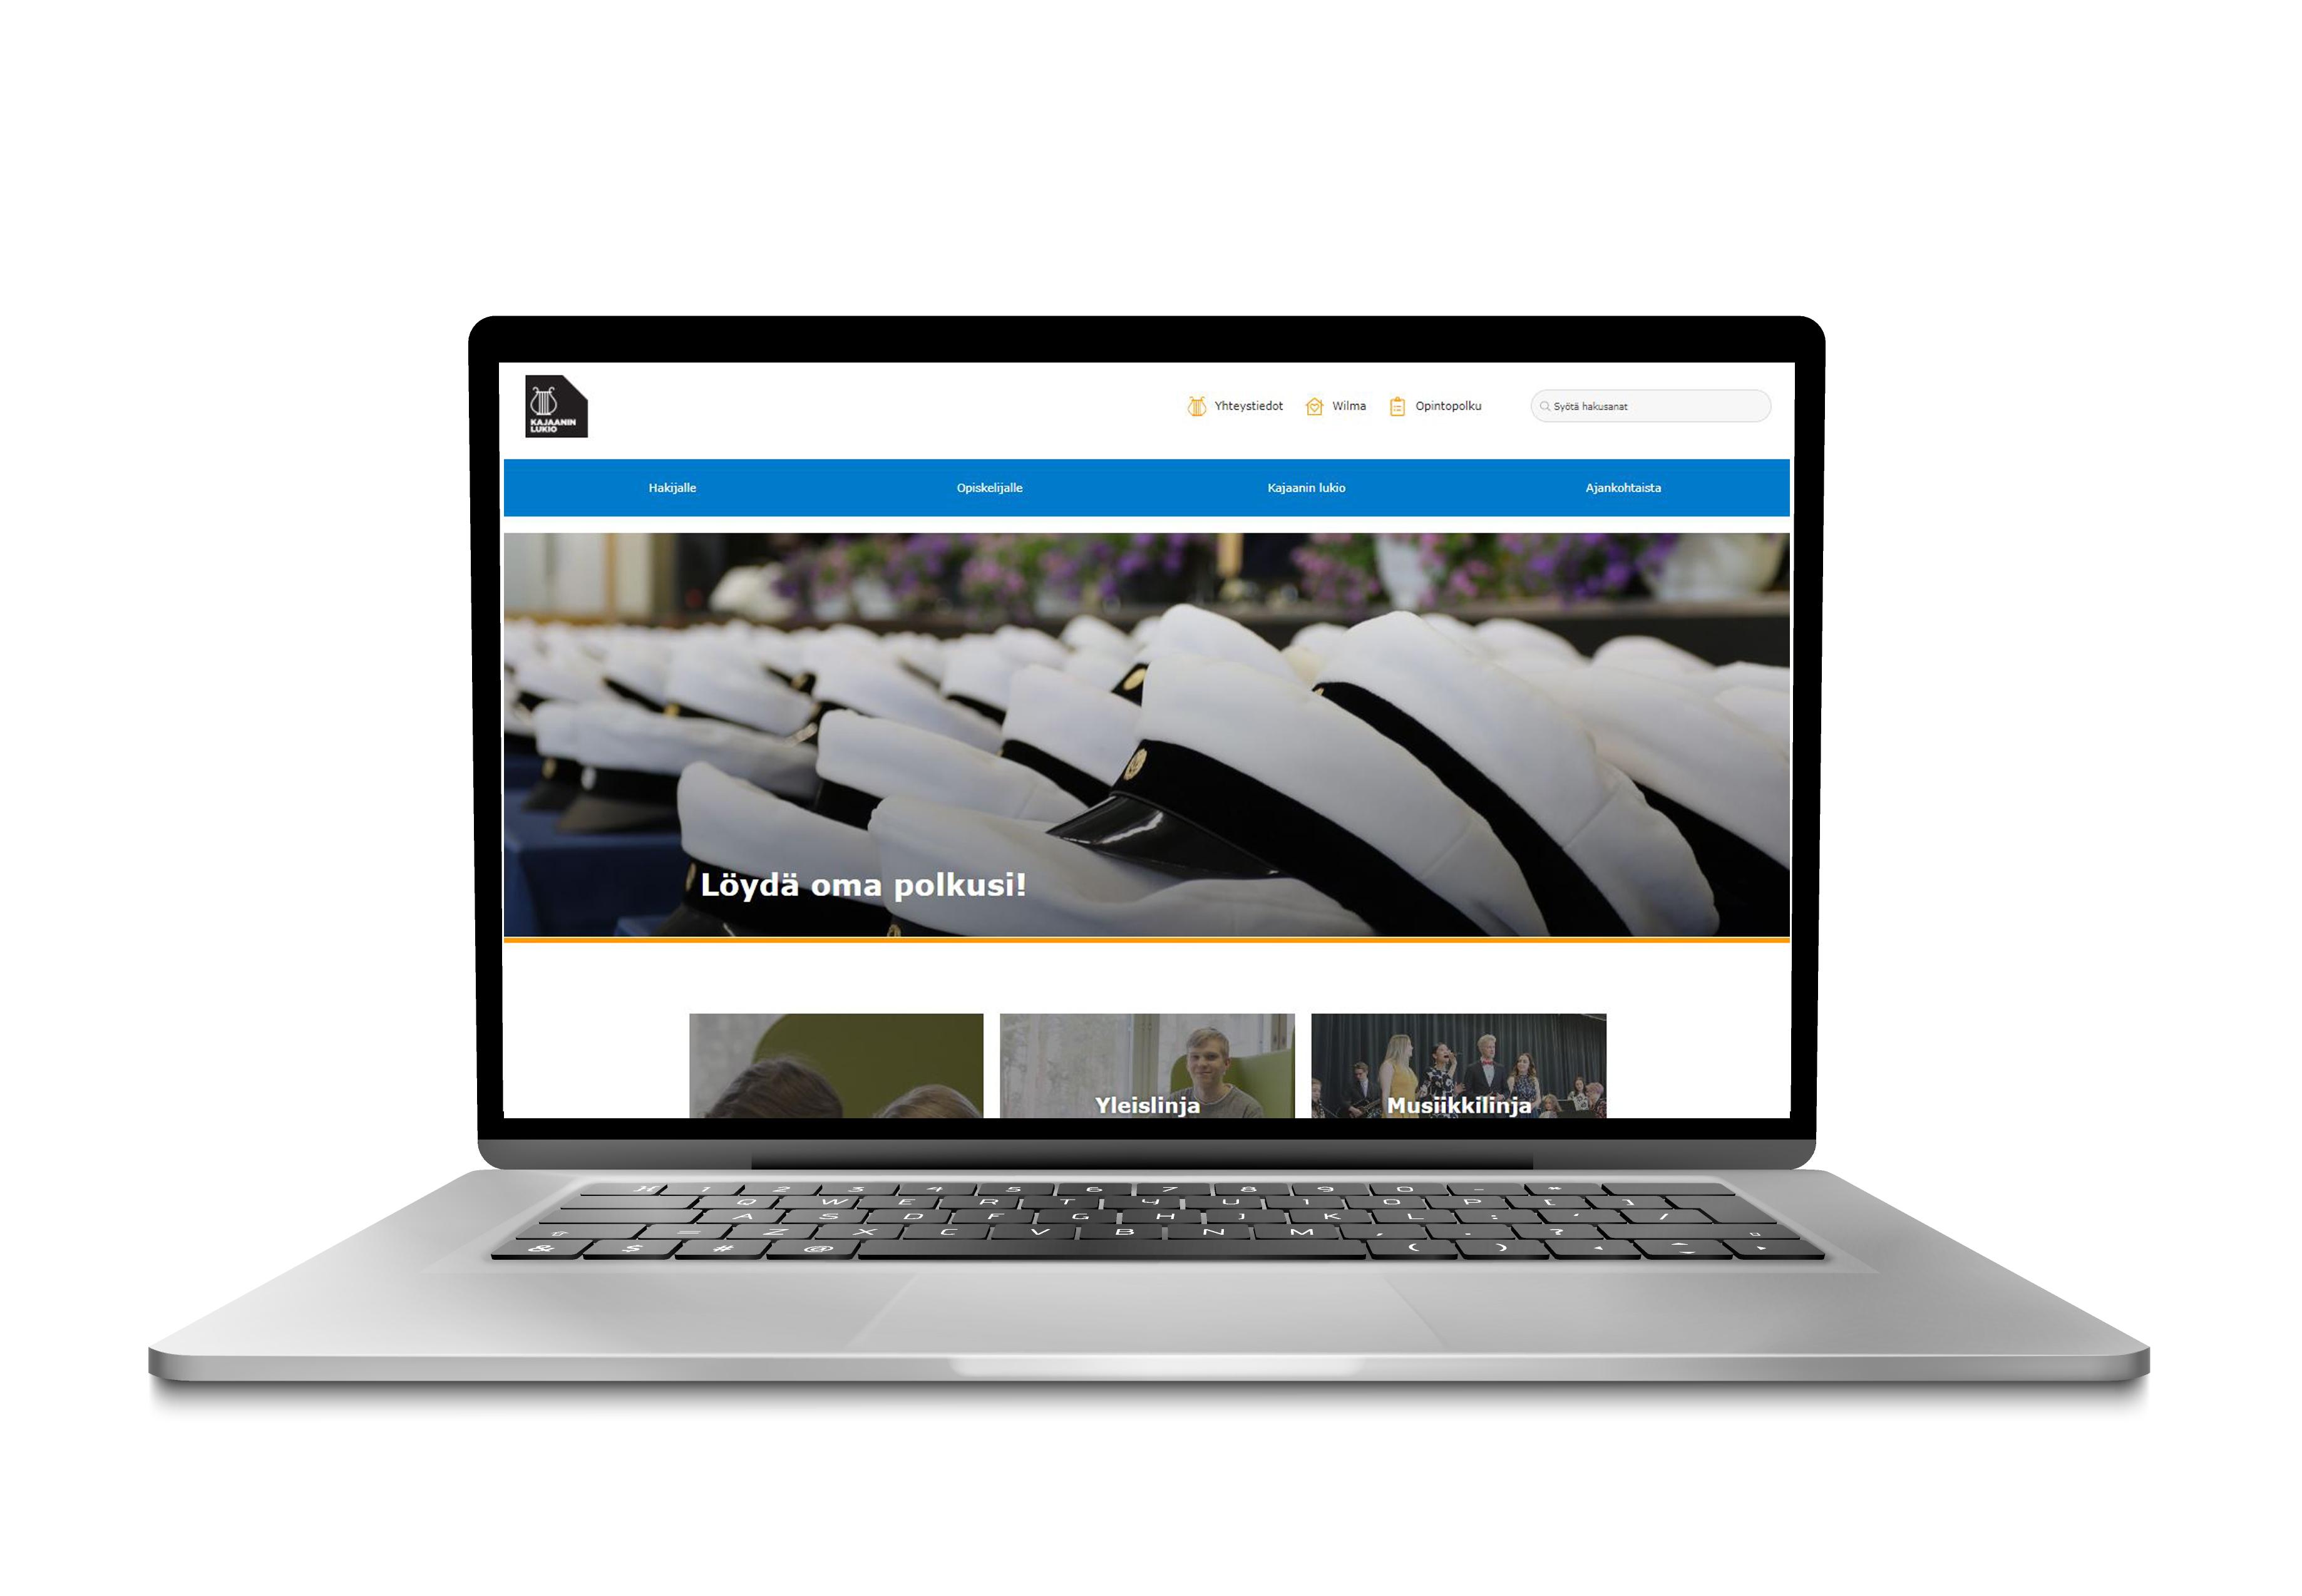 Kajaanin lukion uudet verkkosivut auki kannettavan tietokoneen näytöllä, kuva